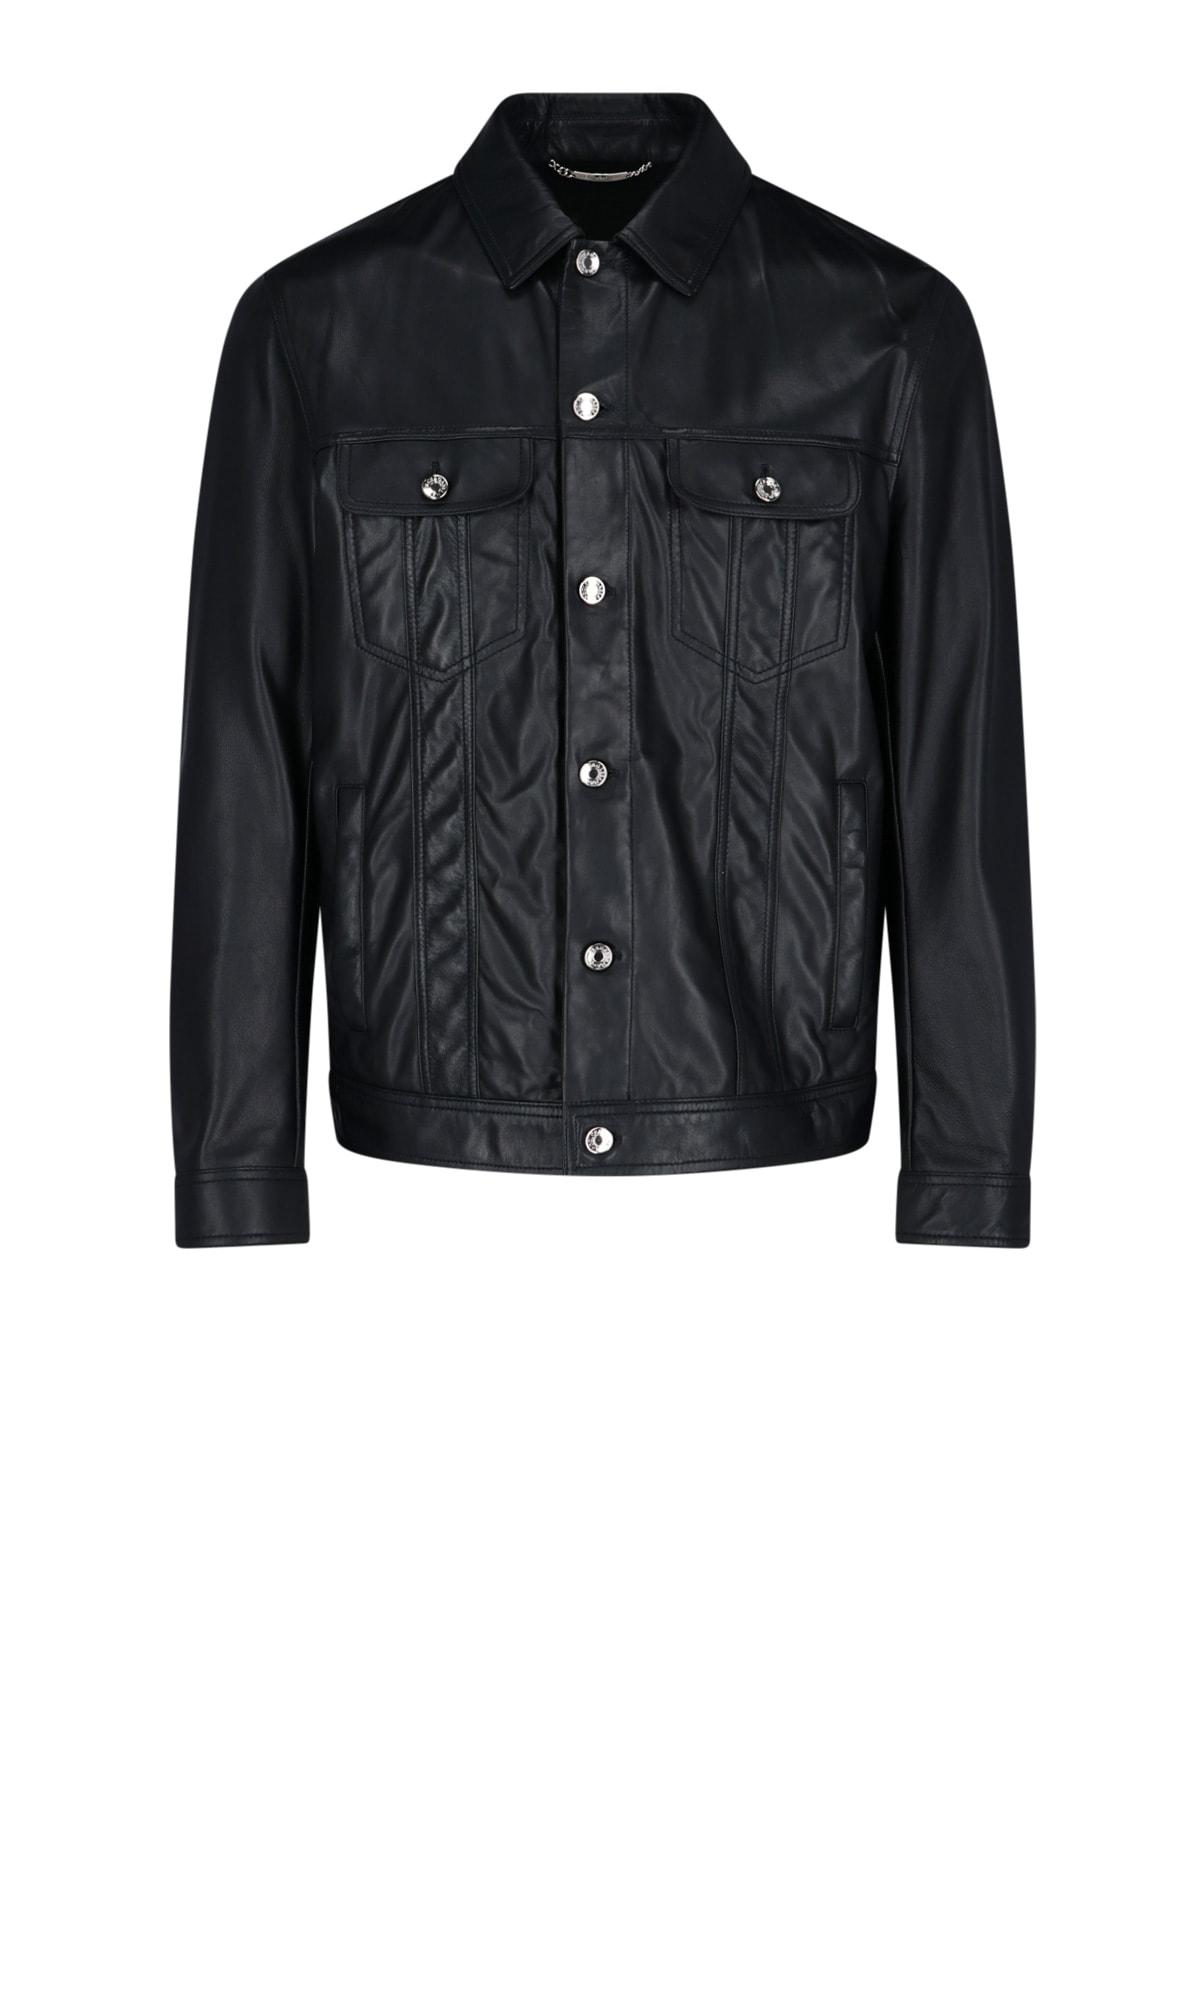 Dolce & Gabbana Leathers JACKET